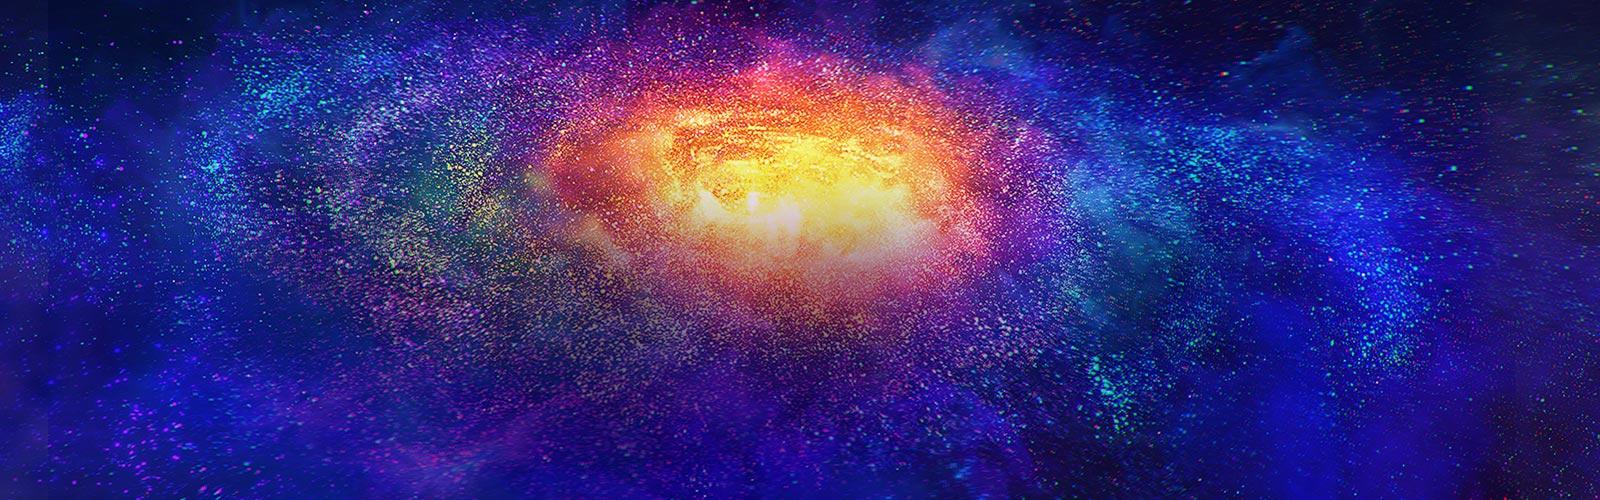 Εκατομμύρια μικροσκοπικά πολύχρωμα σωματίδια στο διάστημα